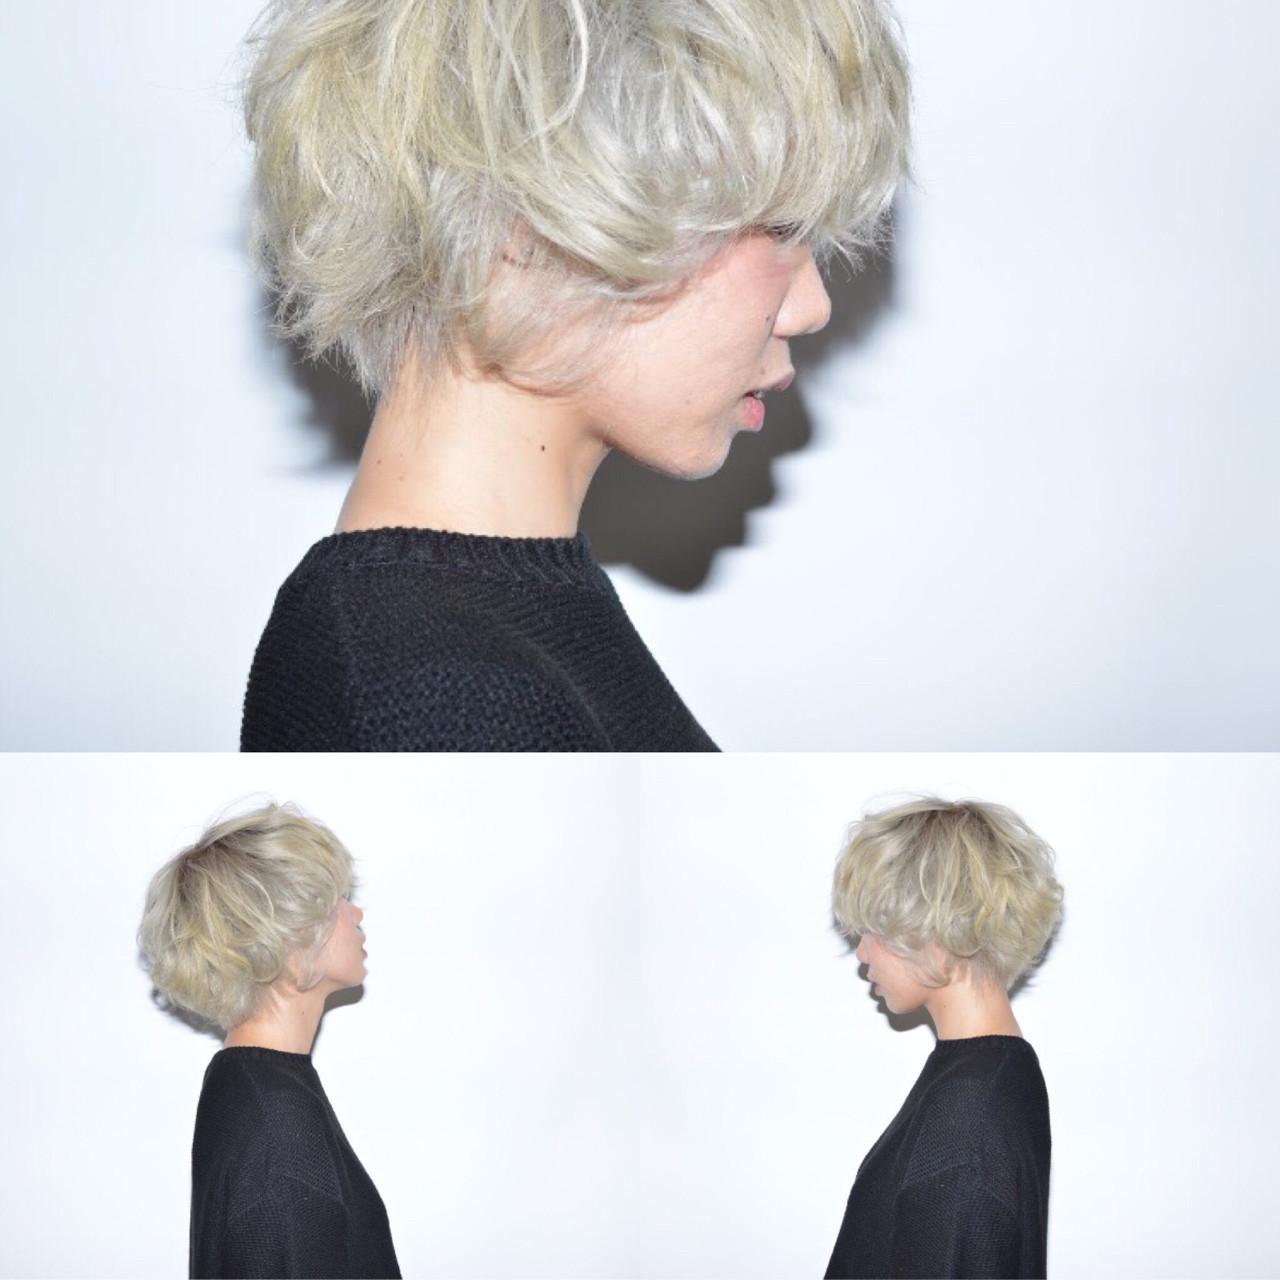 旬ヘアカラーなら外国人風「ホワイトアッシュ」♪ブリーチなしOKな髪色♡ Akane Ueda